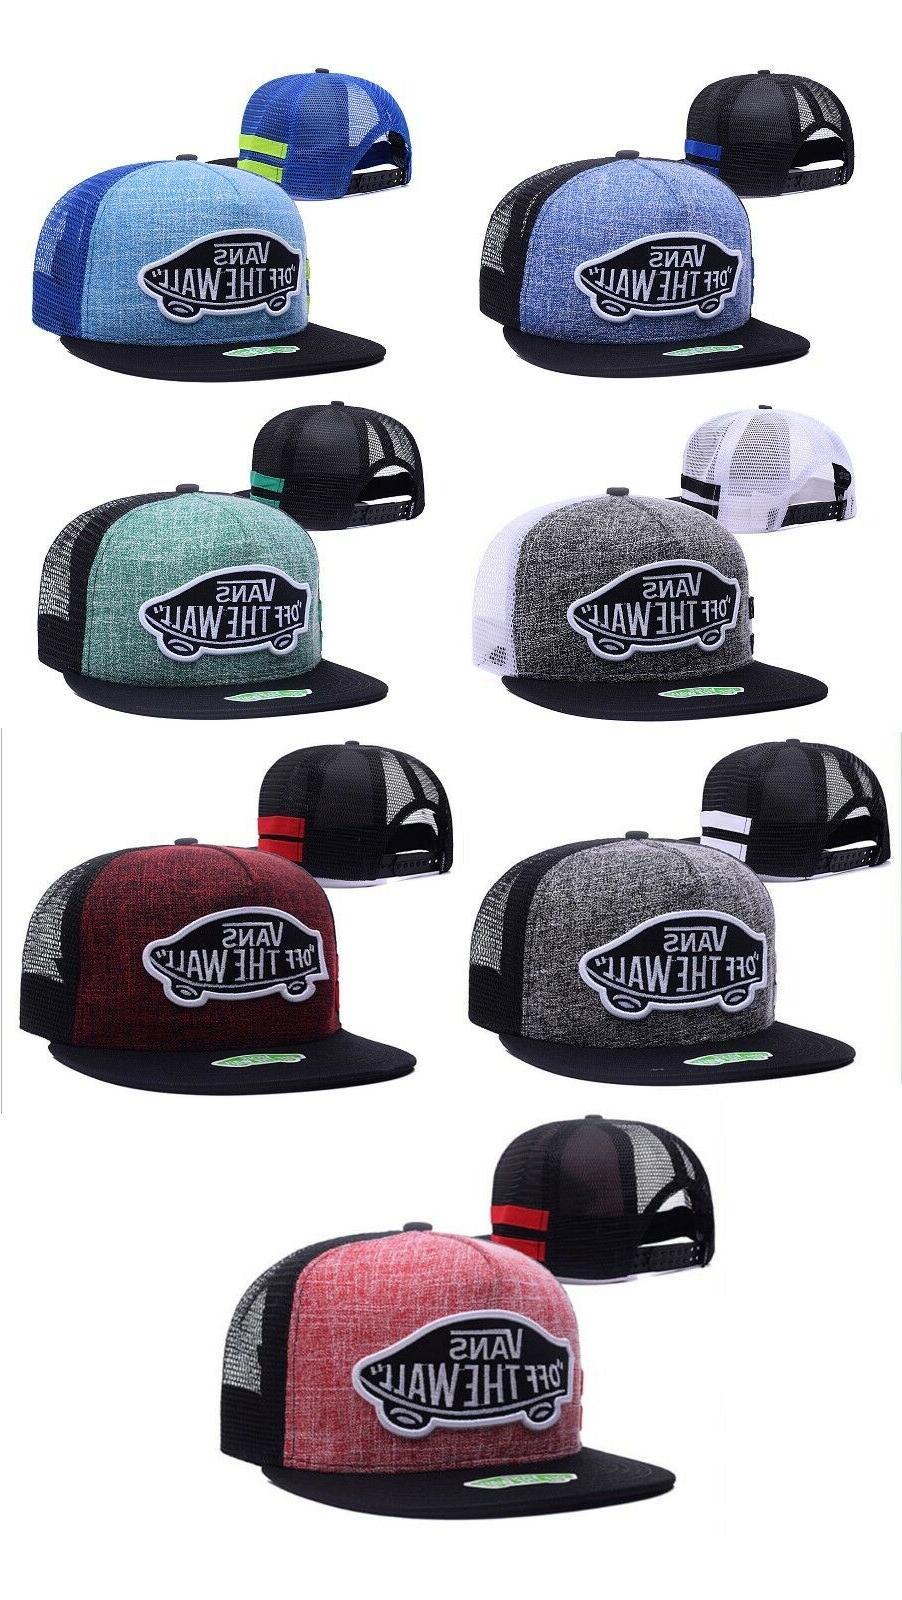 latest style baseball trucker hats flat brim